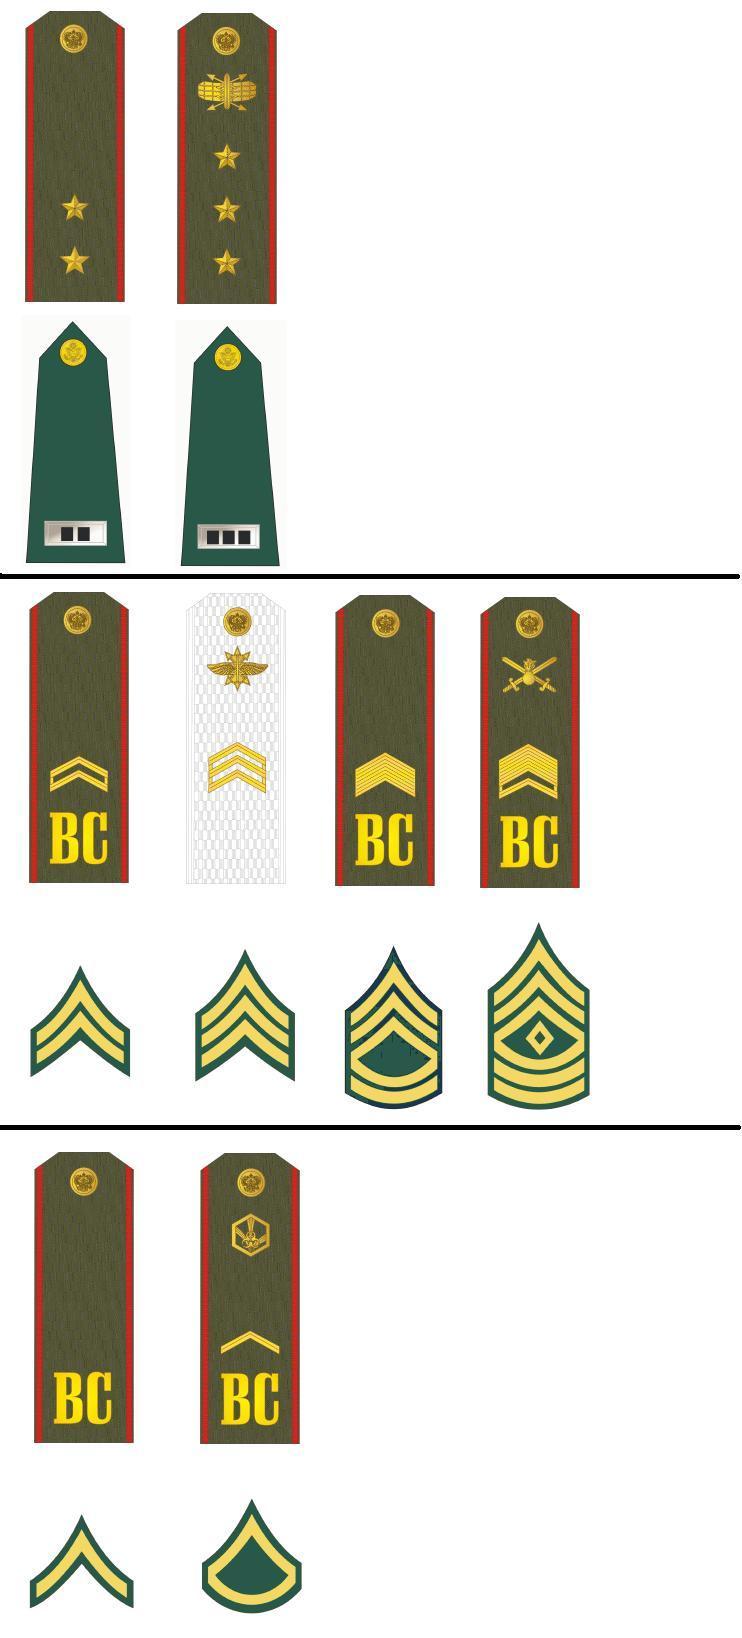 رائد في الجيش الأمريكي الرتب العسكرية الأمريكية ما هي ملامحها المضاعفات الفرعية للجيش الأمريكي